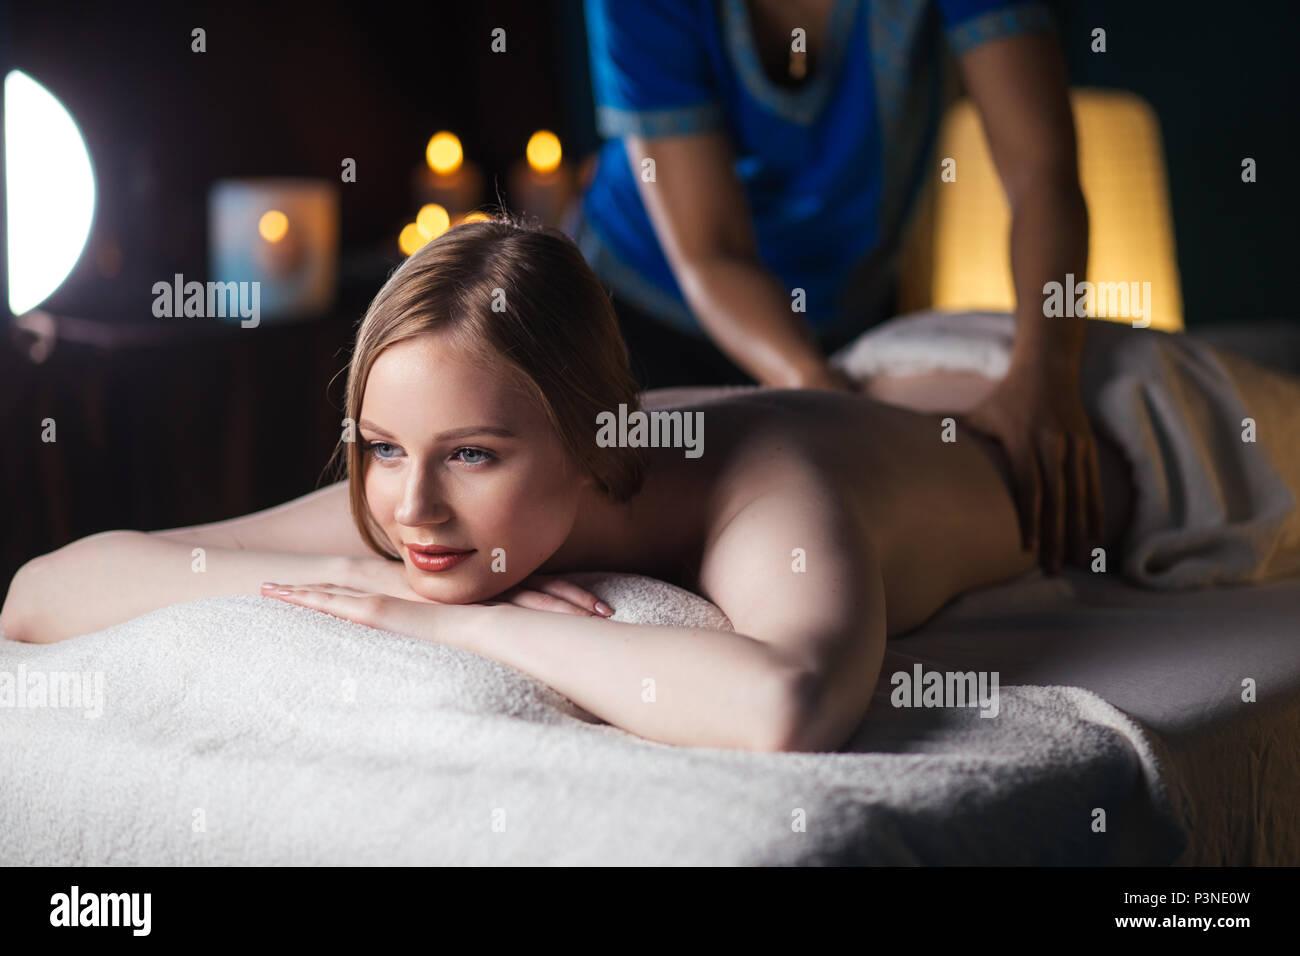 Masajear las manos a la espalda, tumbado sobre el vientre de una mujer Imagen De Stock